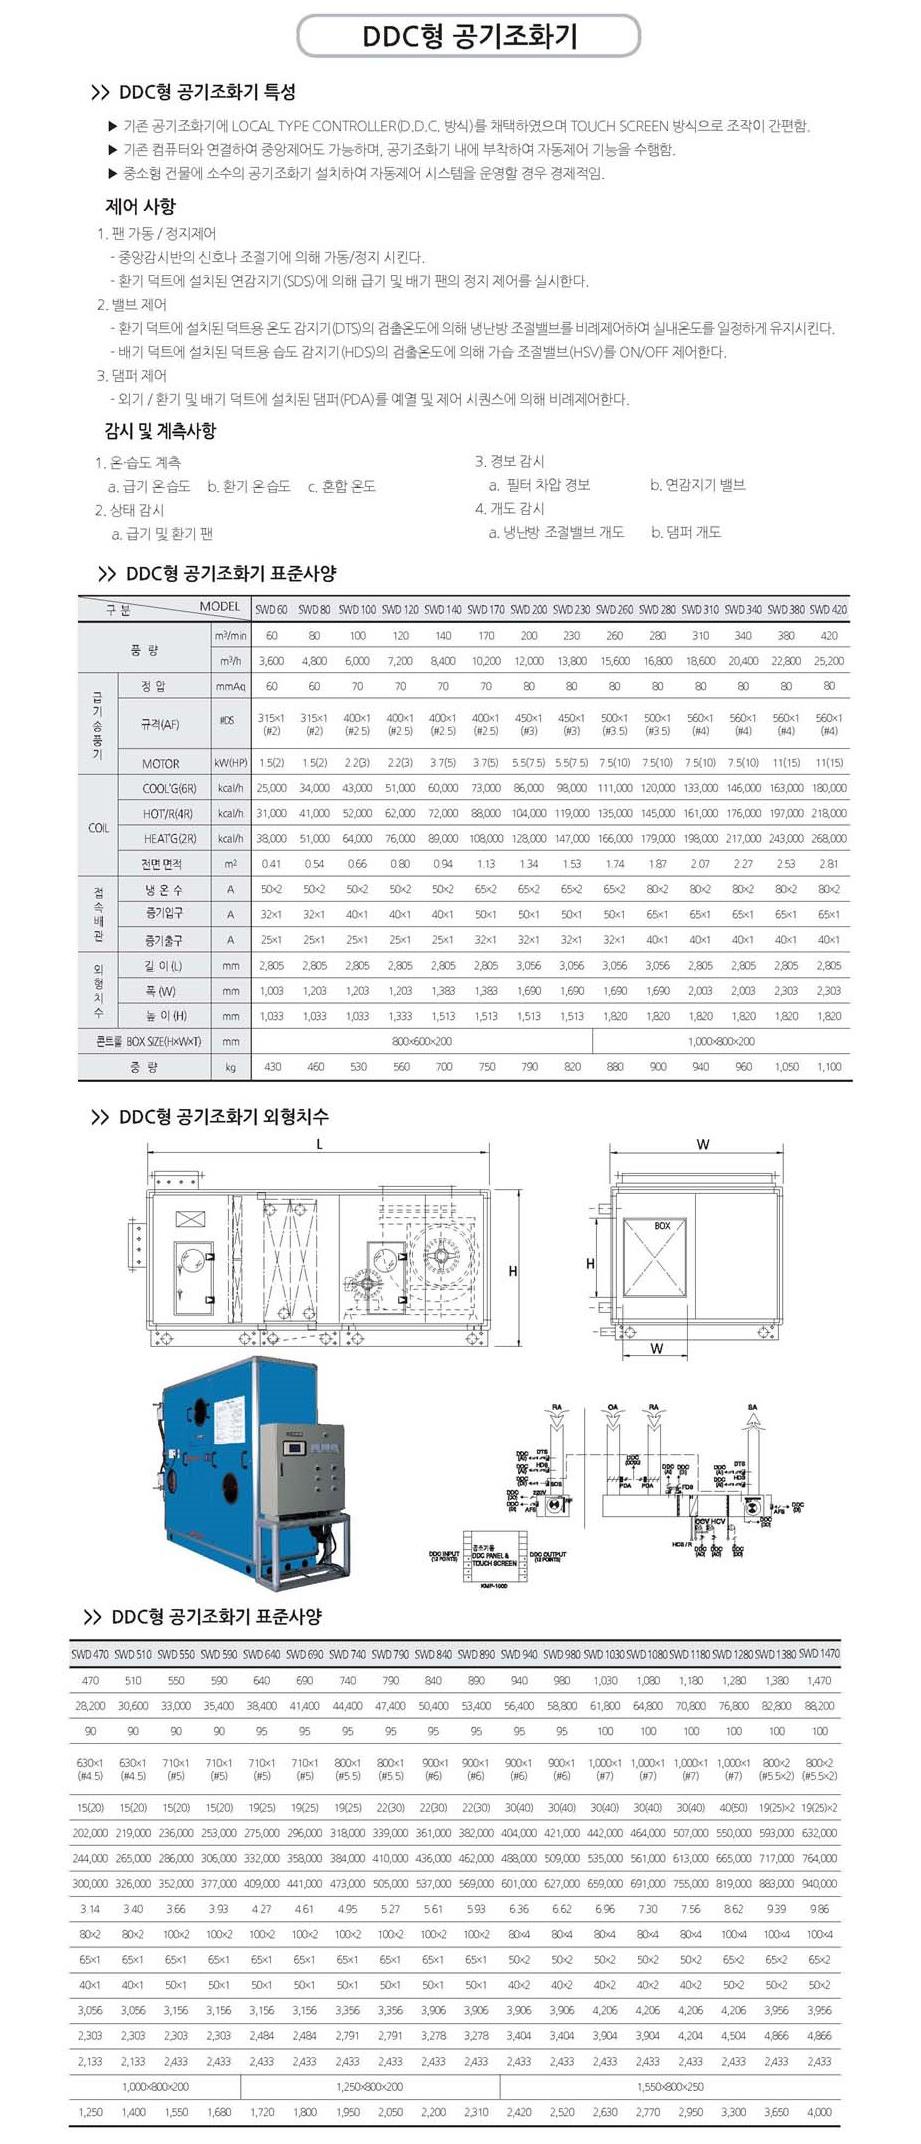 (주)세원기연 DDC형 공기조화기 SWD